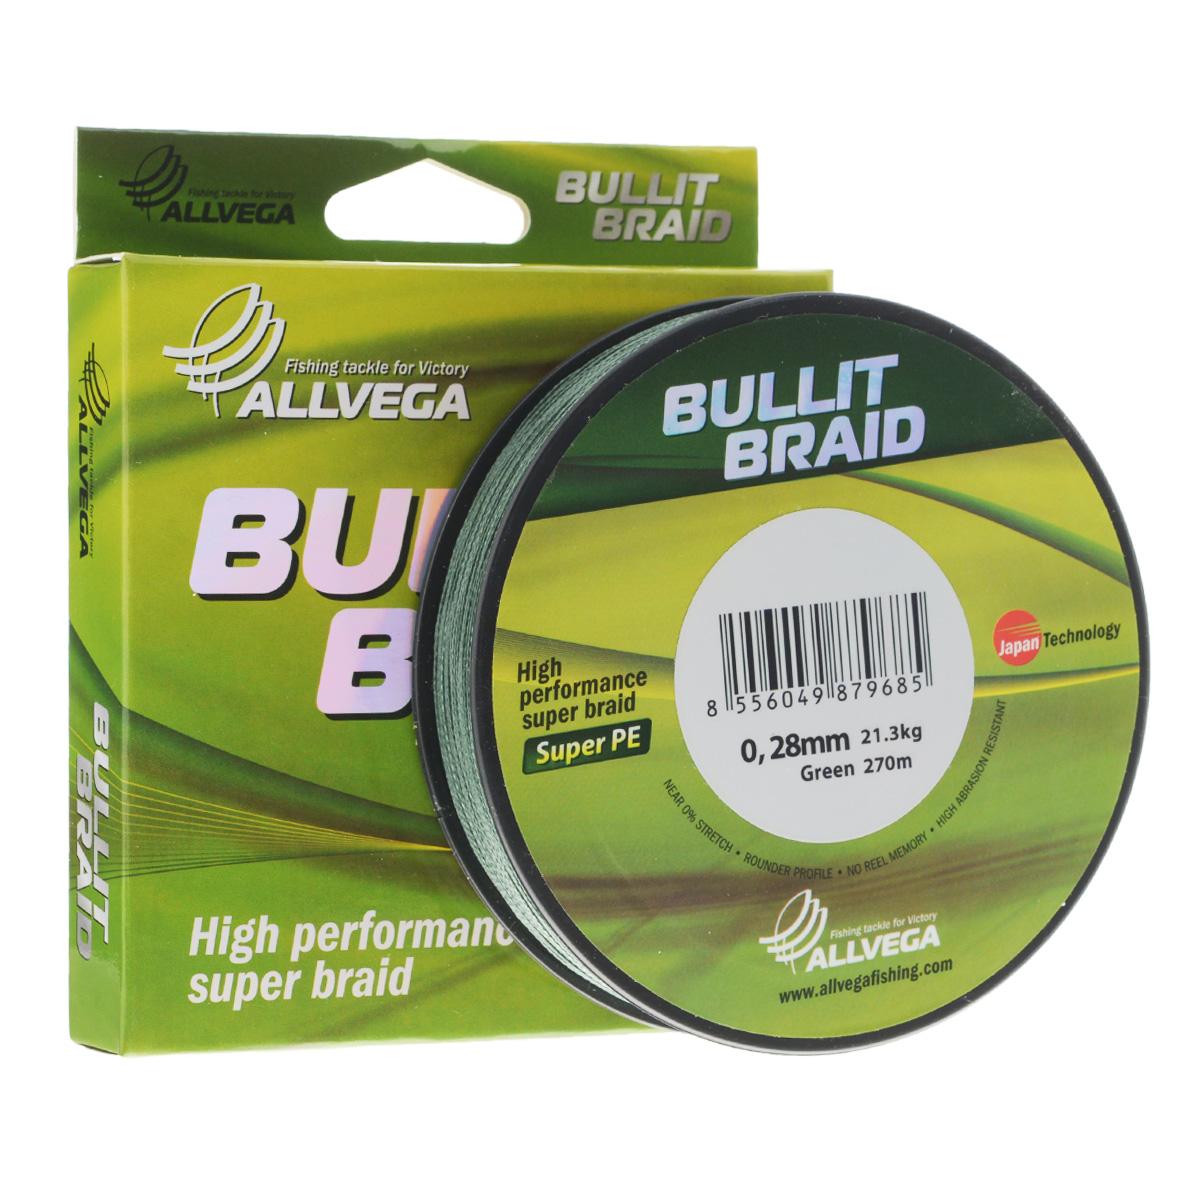 Леска плетеная Allvega Bullit Braid, цвет: темно-зеленый, 270 м, 0,28 мм, 21,3 кг25833Леска Allvega Bullit Braid с гладкой поверхностью и одинаковым сечением по всей длине обладает высокой износостойкостью. Благодаря микроволокнам полиэтилена (Super PE) леска имеет очень плотное плетение и не впитывает воду. Леску Allvega Bullit Braid можно применять в любых типах водоемов. Особенности: повышенная износостойкость; высокая чувствительность - коэффициент растяжения близок к нулю; отсутствует память; идеально гладкая поверхность позволяет увеличить дальность забросов; высокая прочность шнура на узлах.